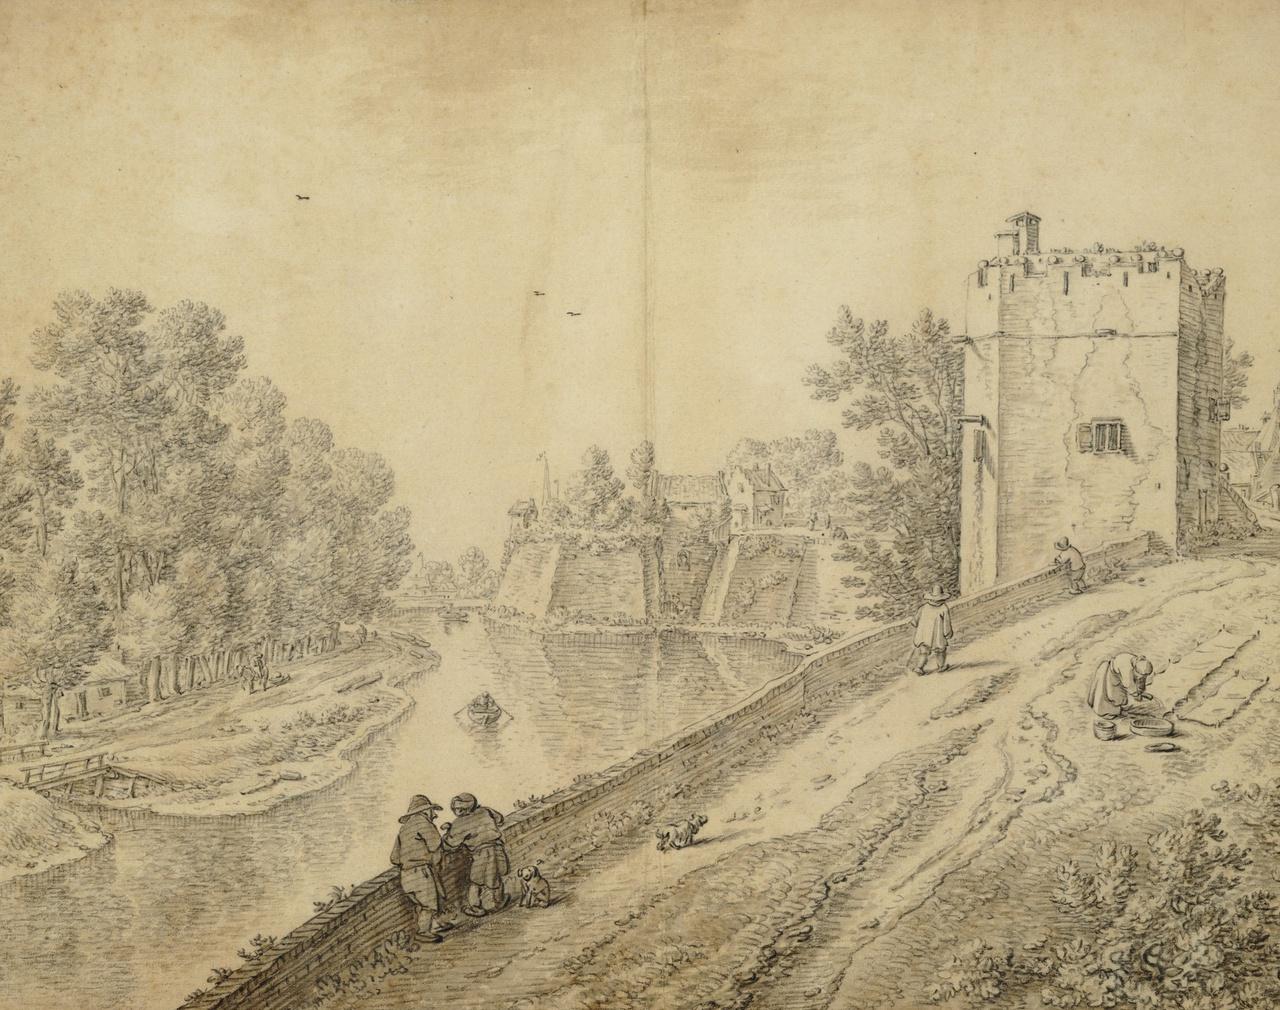 6/8 - Herman Saftleven, De stadswal met Servaashek en Manenburg, 1650-1675, collectie Het Utrechts Archief